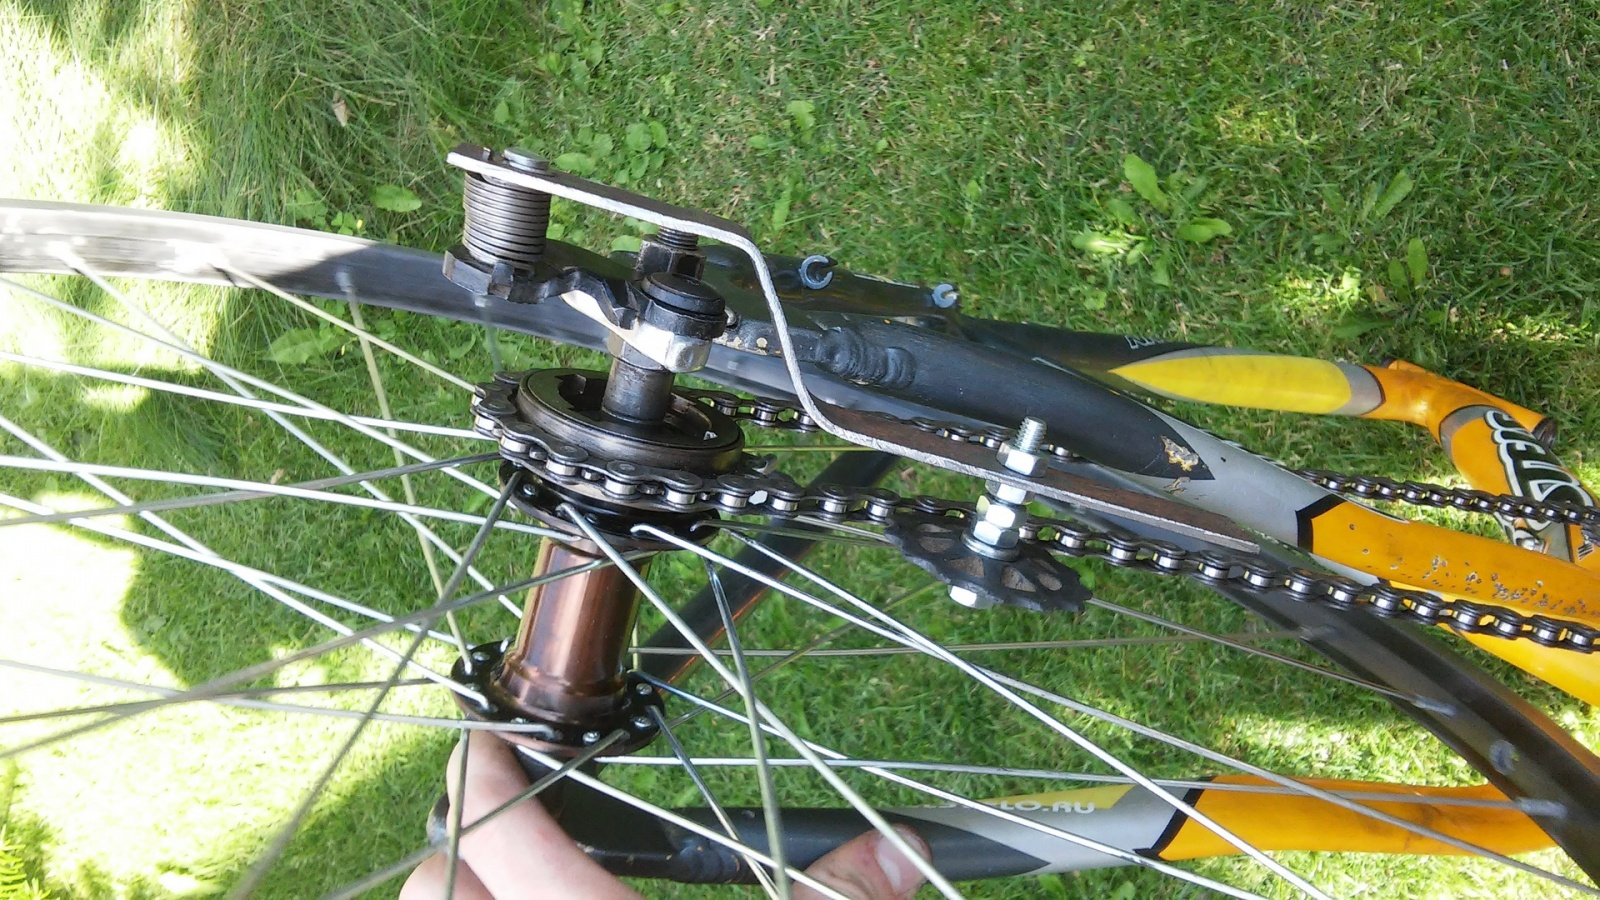 Новая жизнь бюджетного горного велосипеда, превращение в электричку - 9